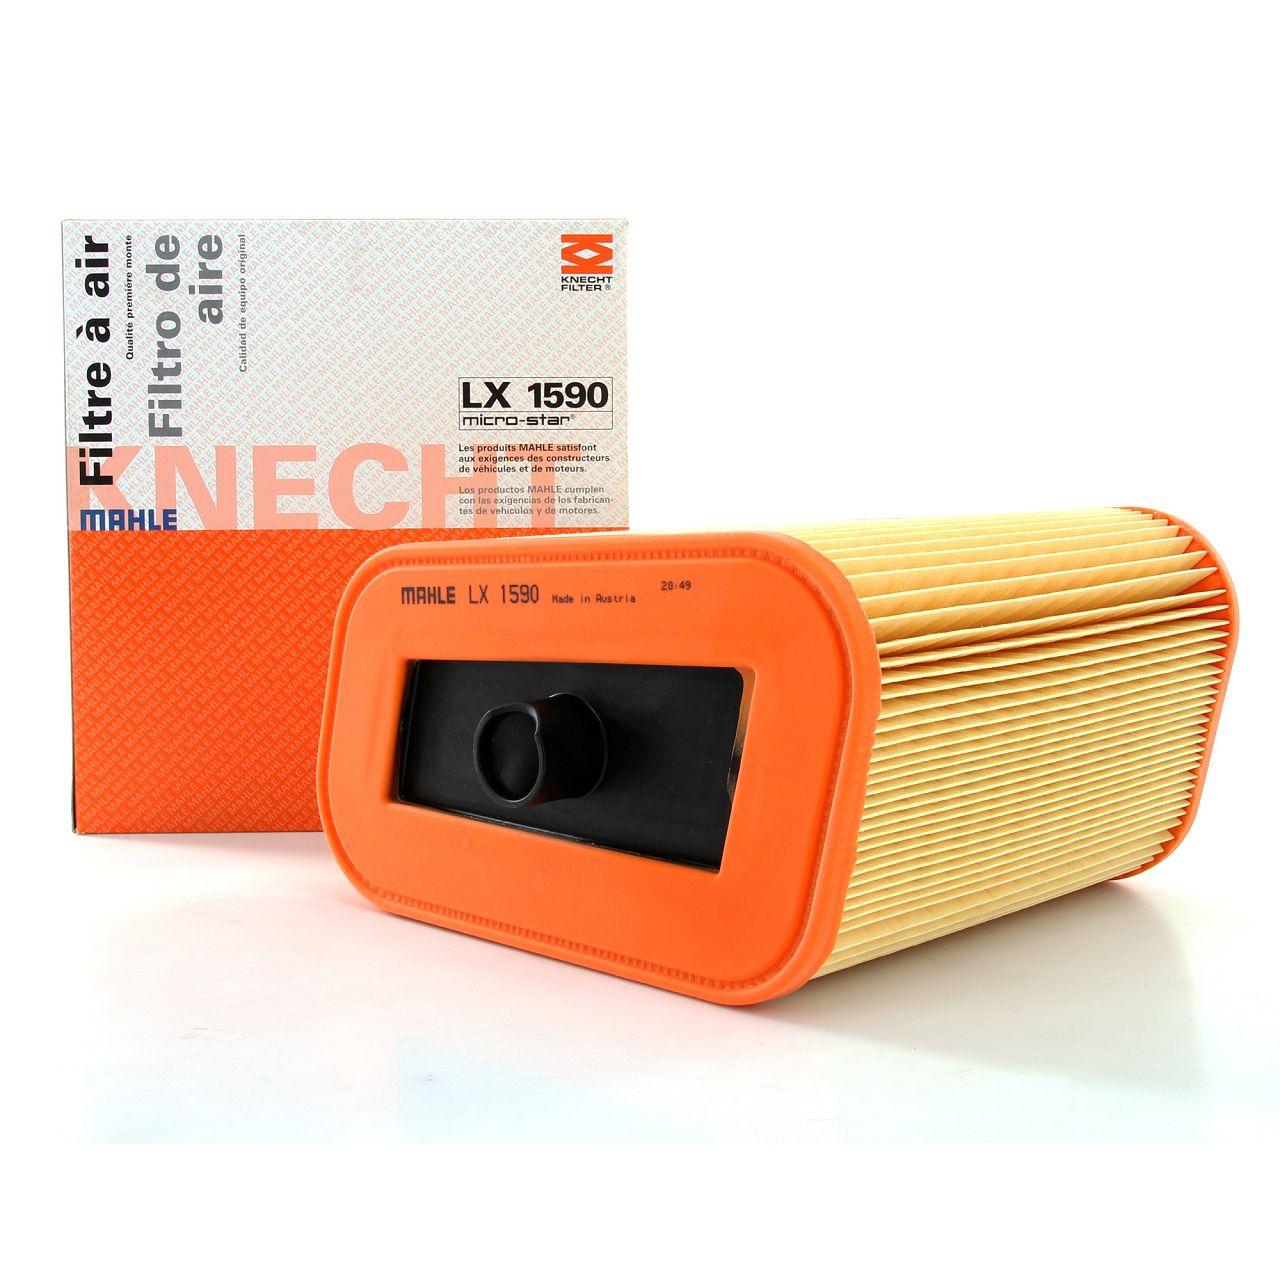 MAHLE Luftfilter Motorluftfilter LX1590 für BMW 3er E90 E93 E92 M3/GTS 420/450PS